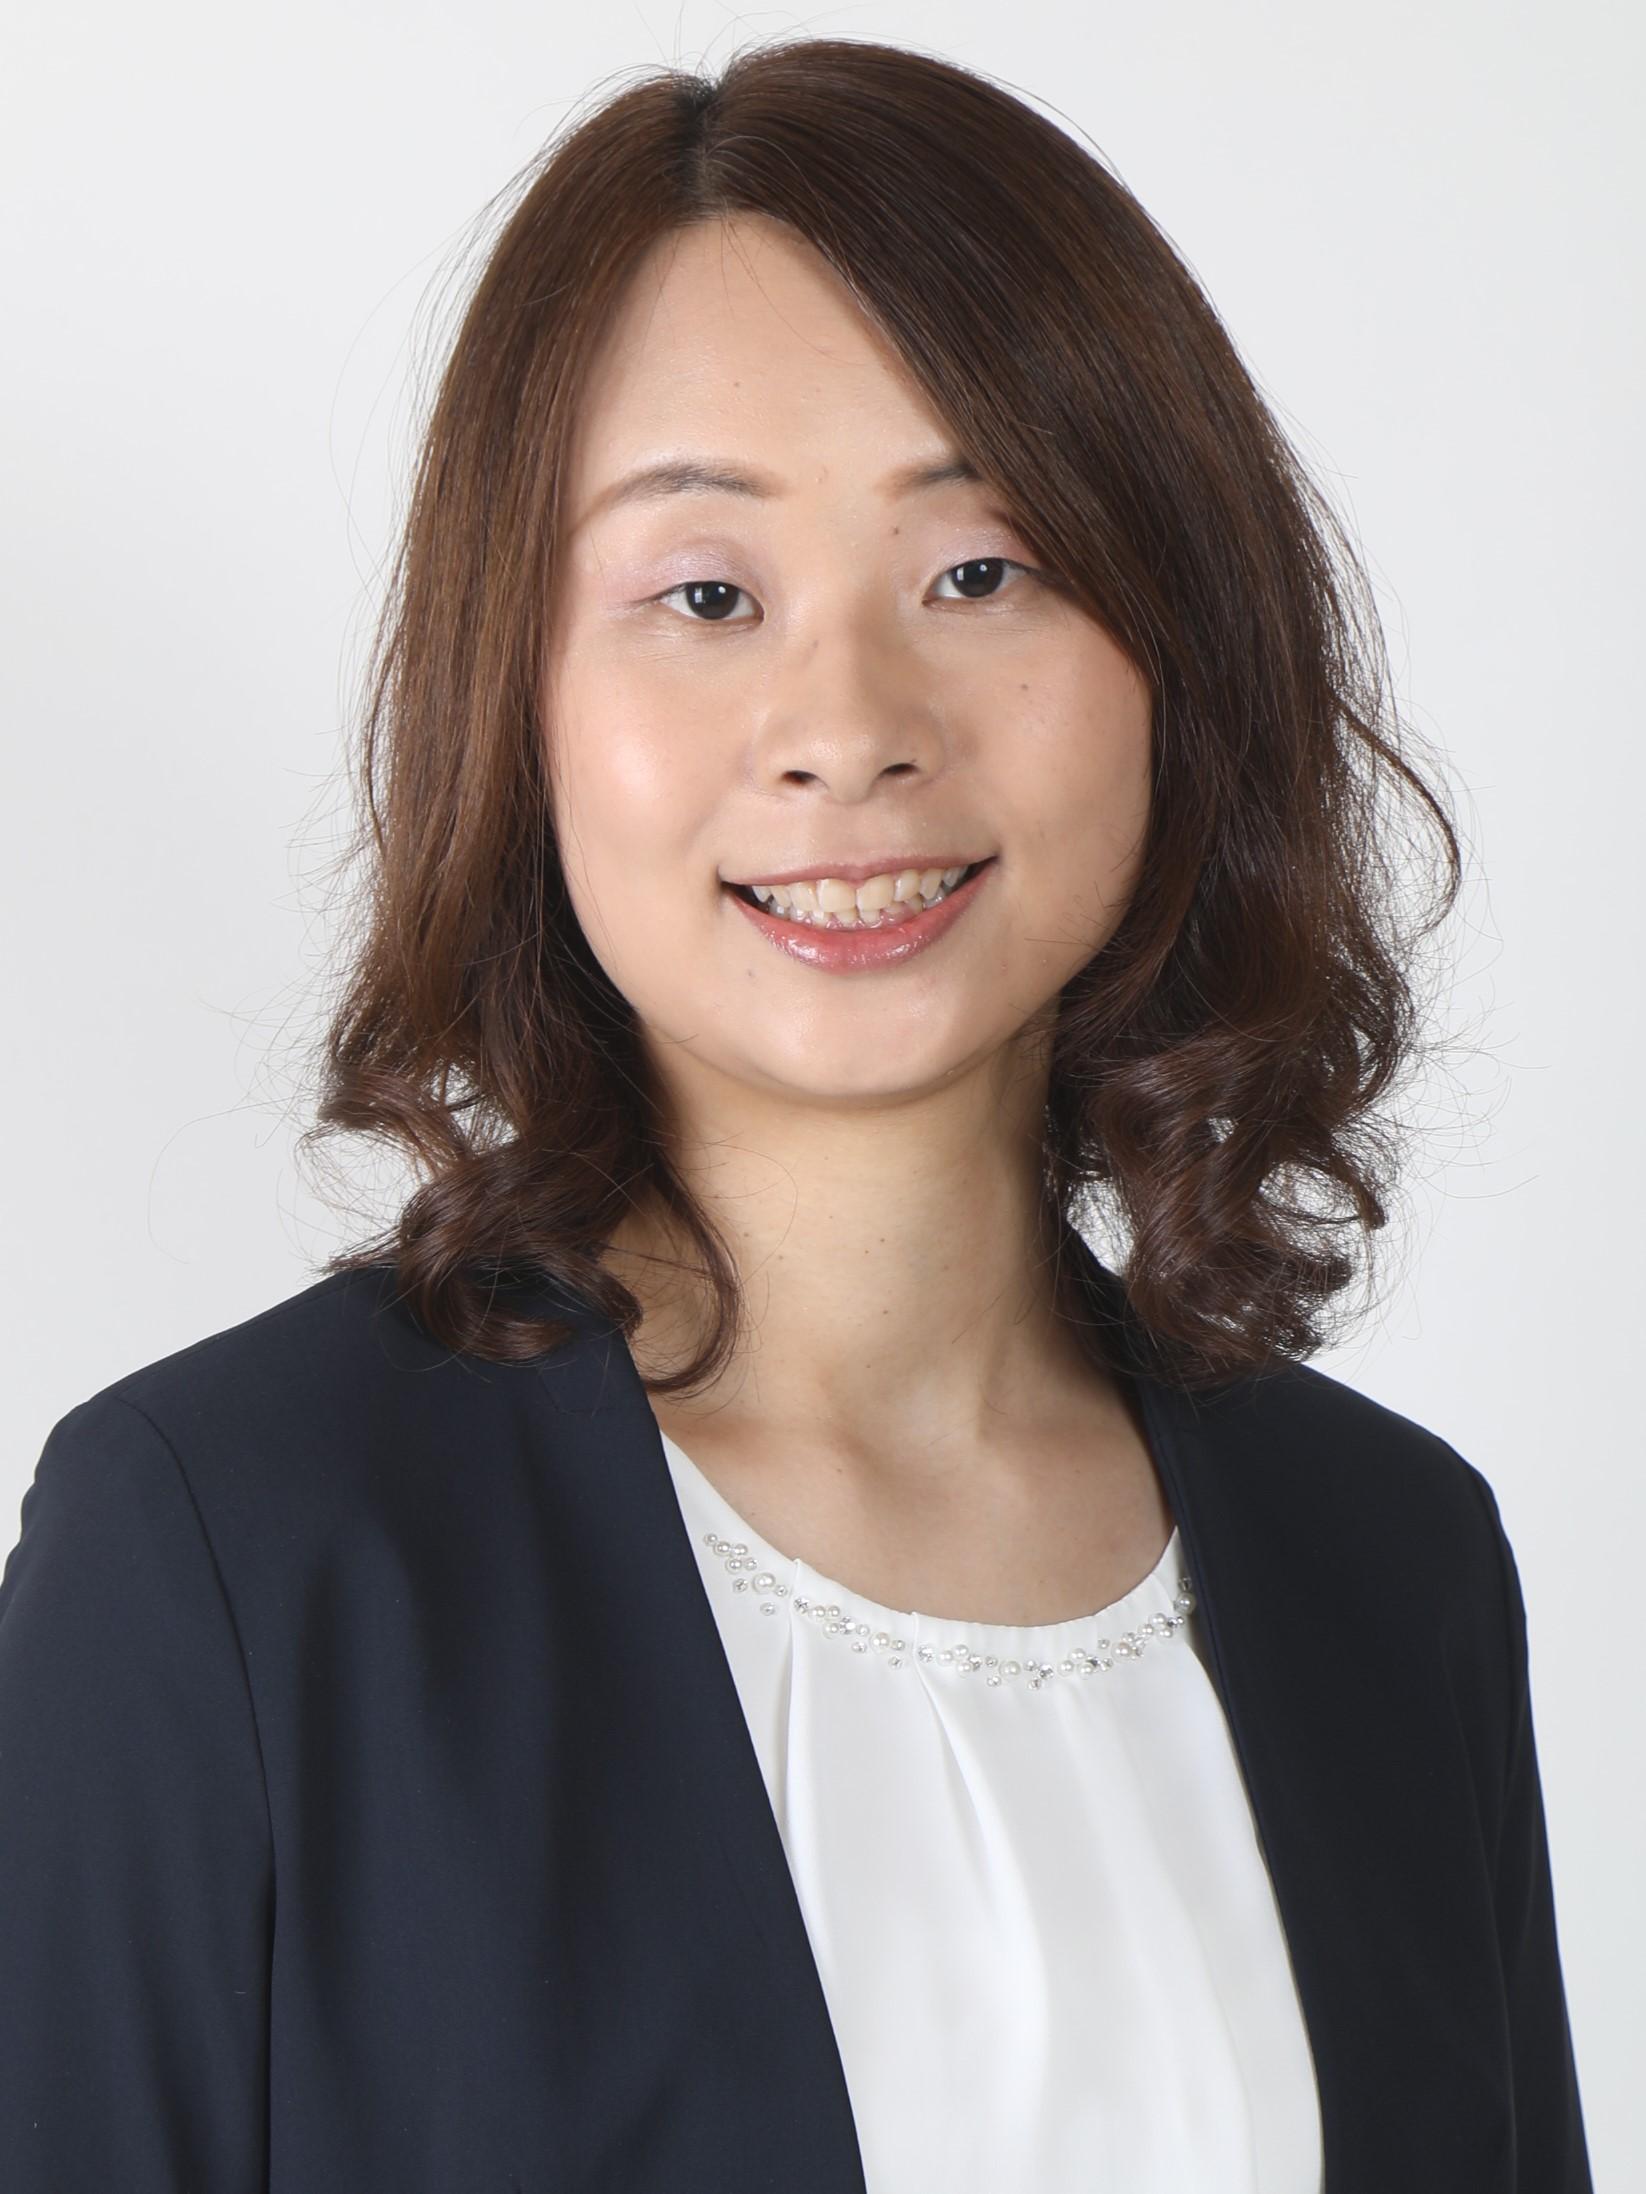 中島 千尋(なかじま ちひろ) – 株式会社 オフィスチャープ